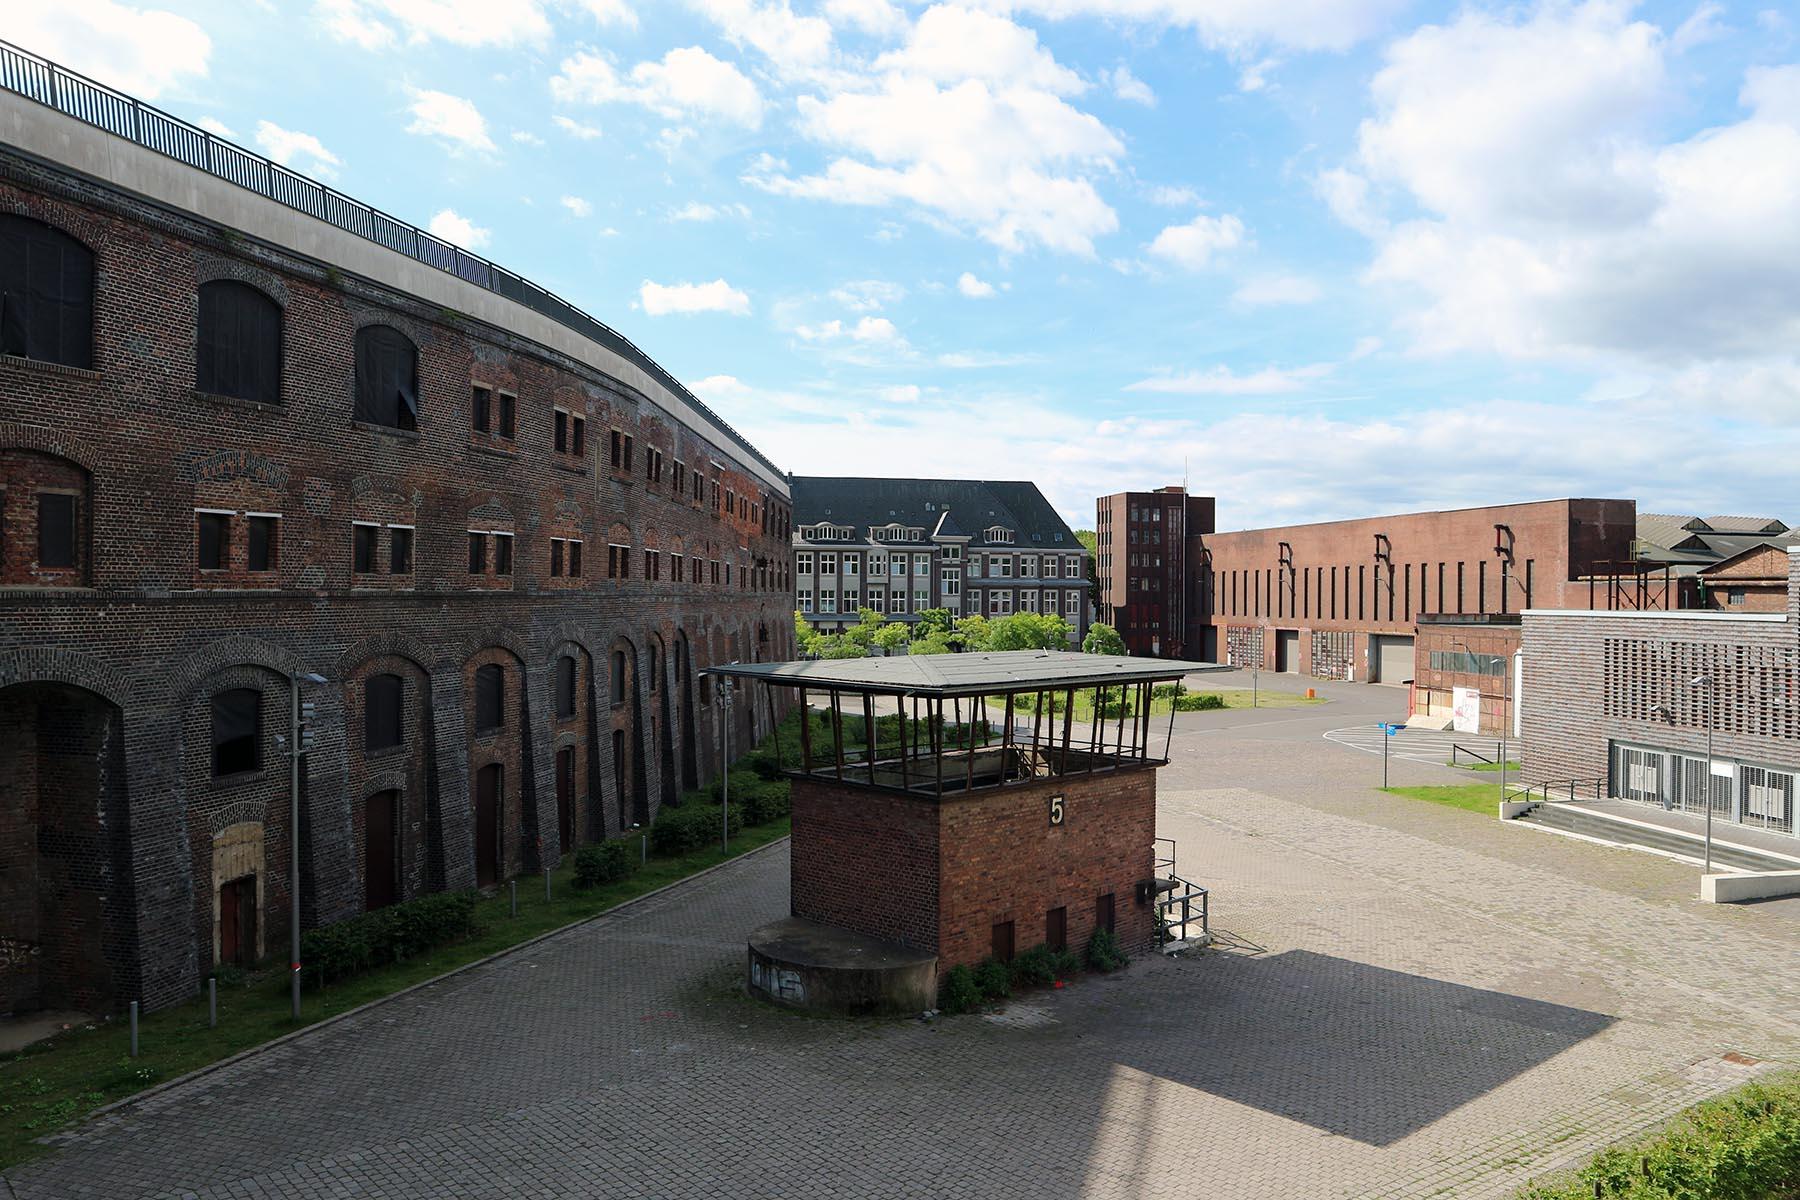 Jahrhunderthalle. ... 75 Hektar groß und umfasst das Gelände des Westparks.